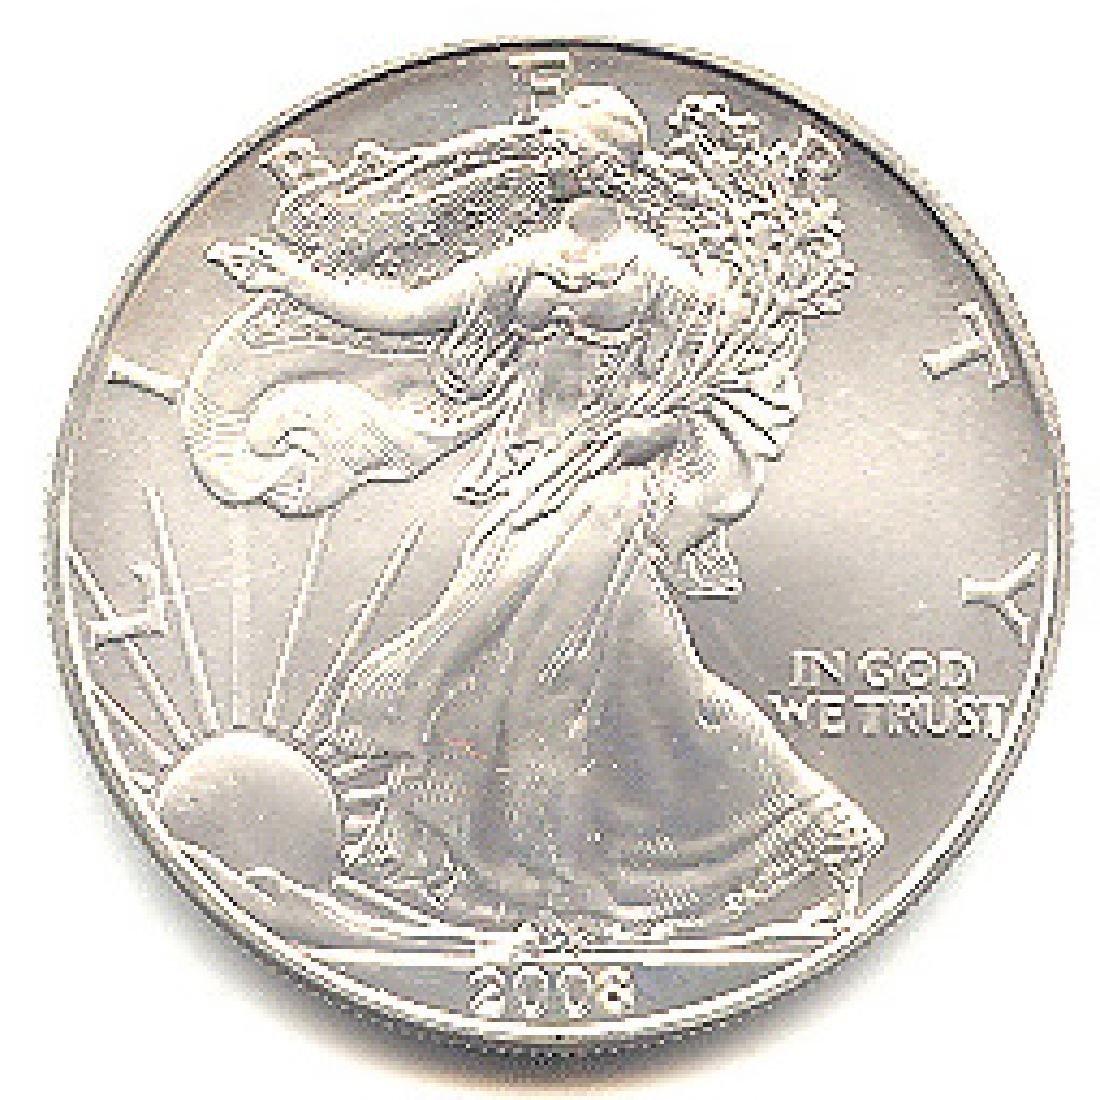 2008 1 oz Silver American Eagle BU